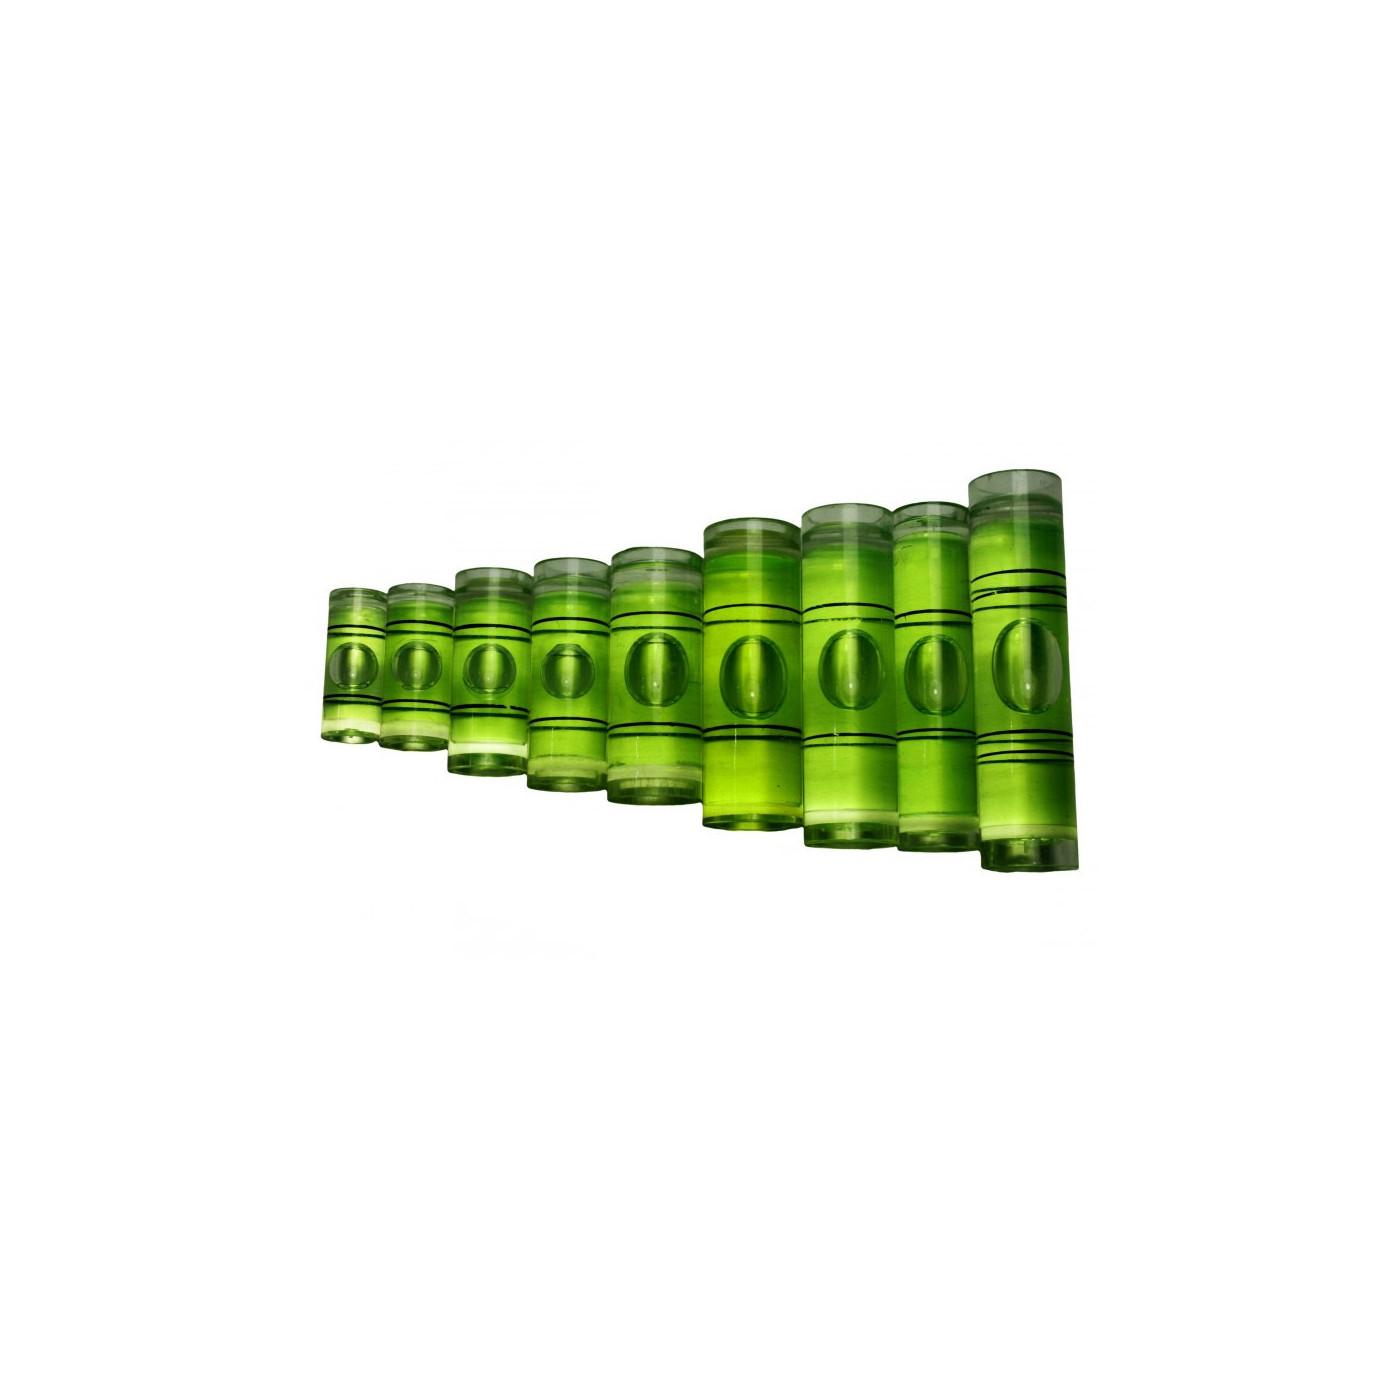 Conjunto de 20 frascos para níveis de bolha (tamanho 6, verde)  - 1